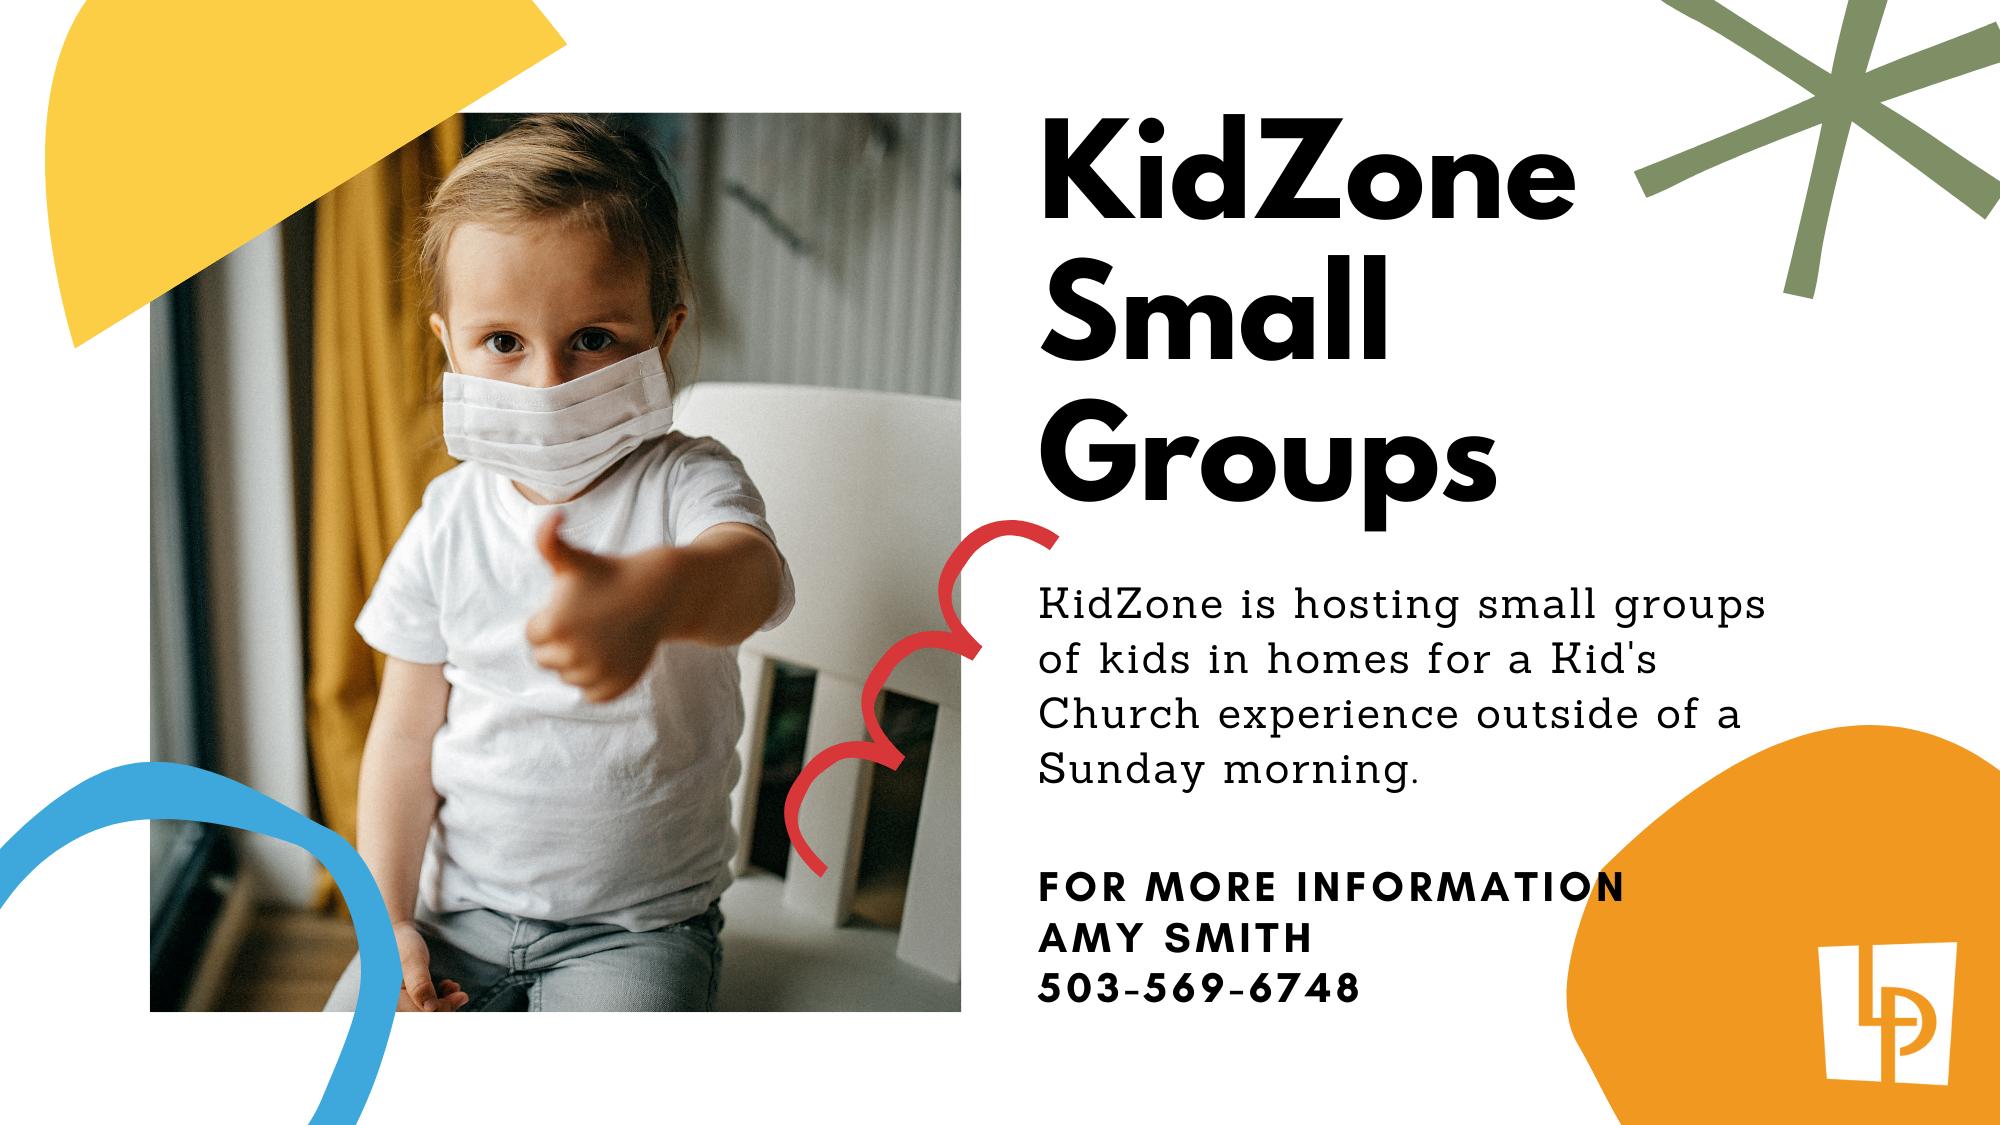 KidZone Small Groups